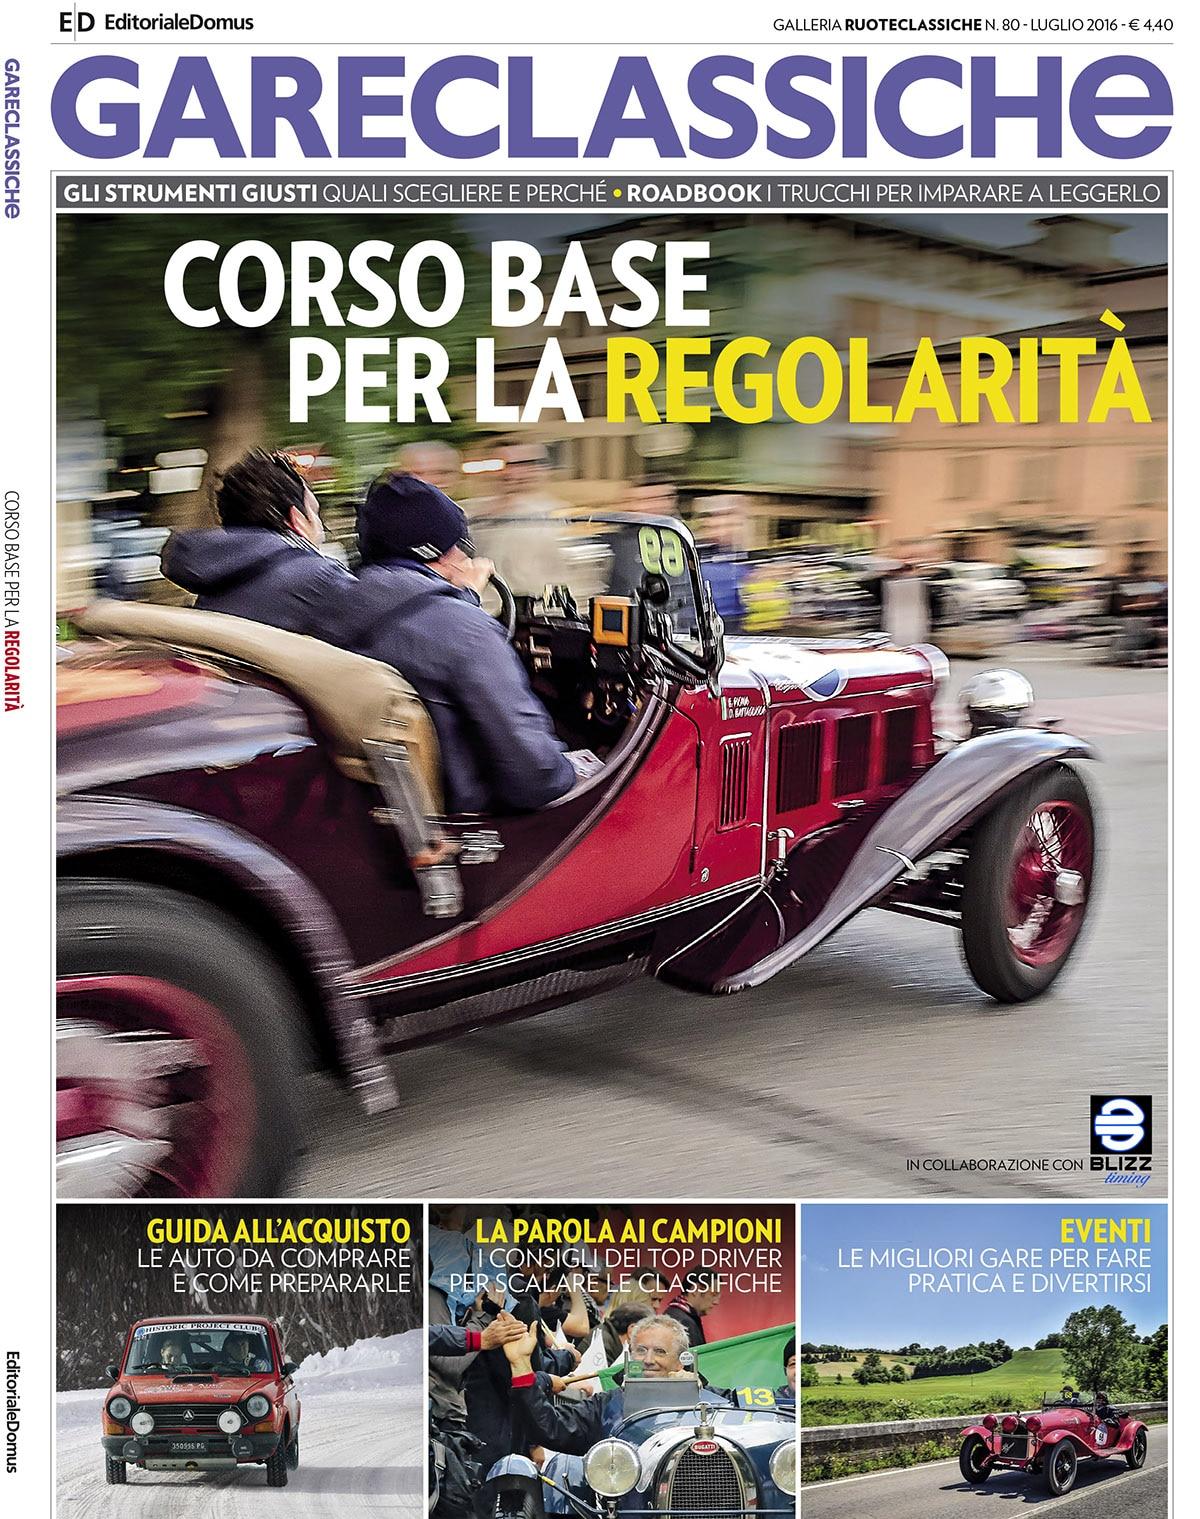 Cover Gareclassiche